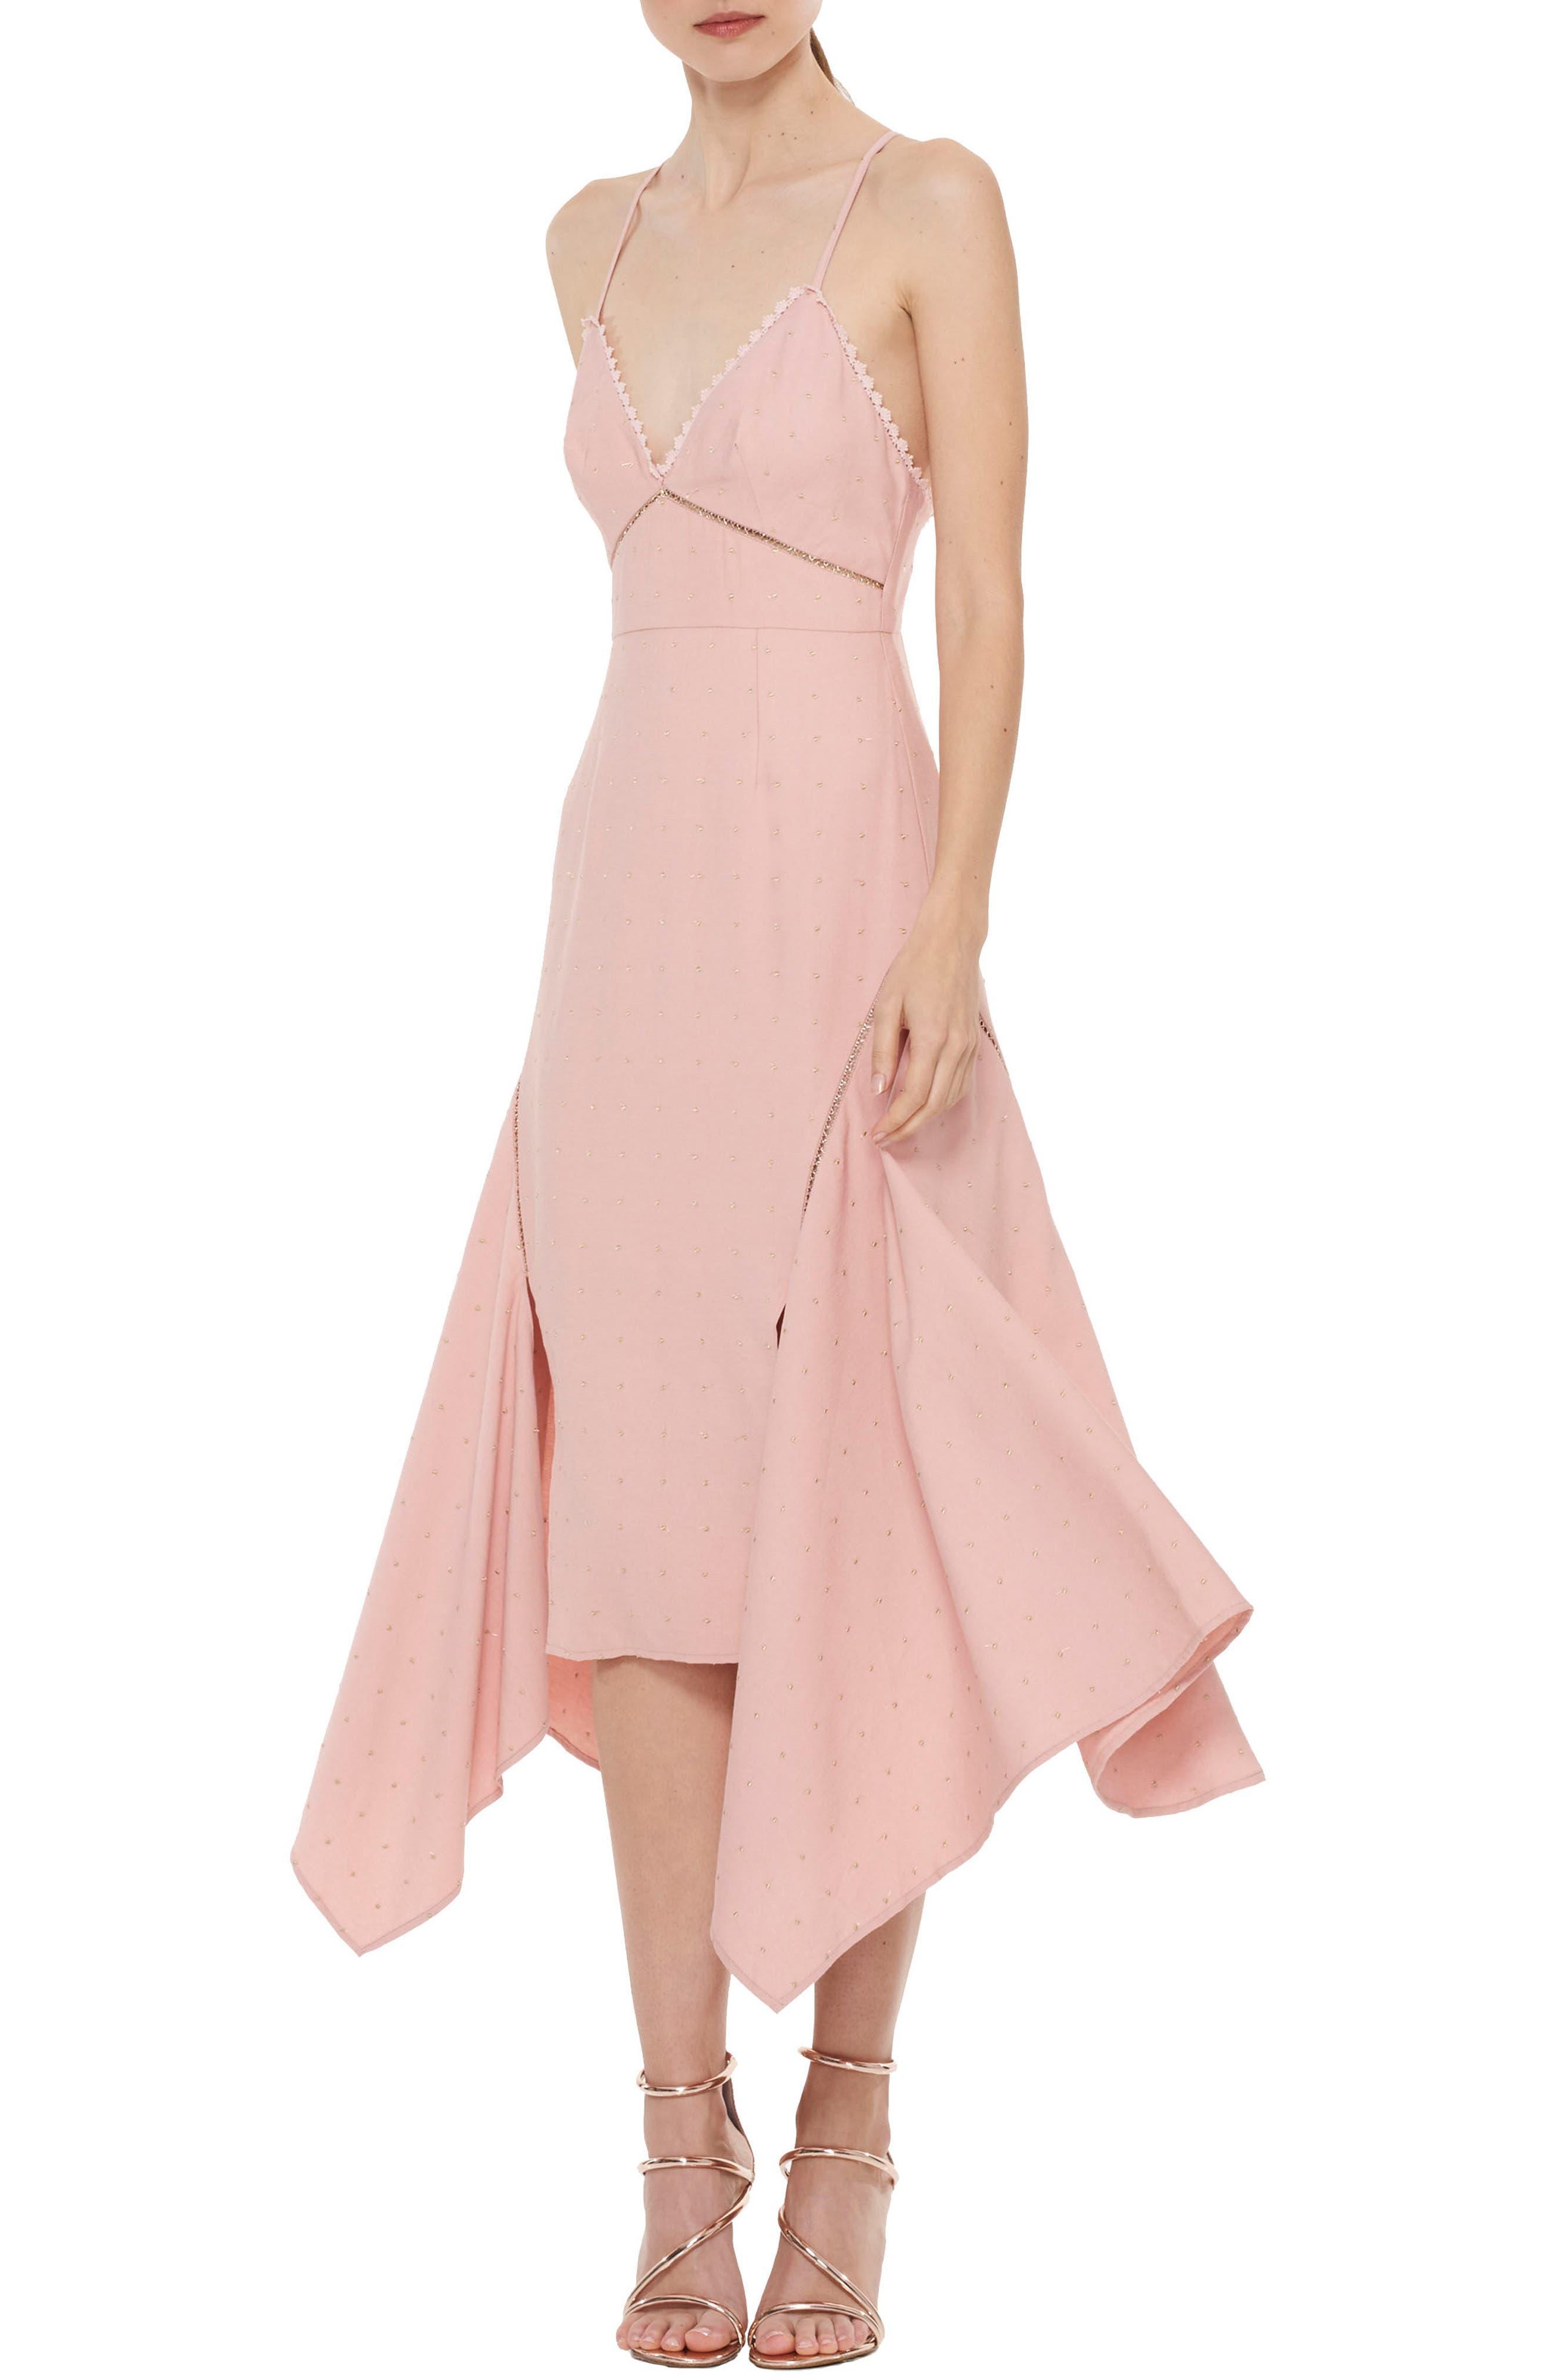 Penelope Embellished Godet Dress,                             Main thumbnail 1, color,                             Rose Dust W Gold Spot